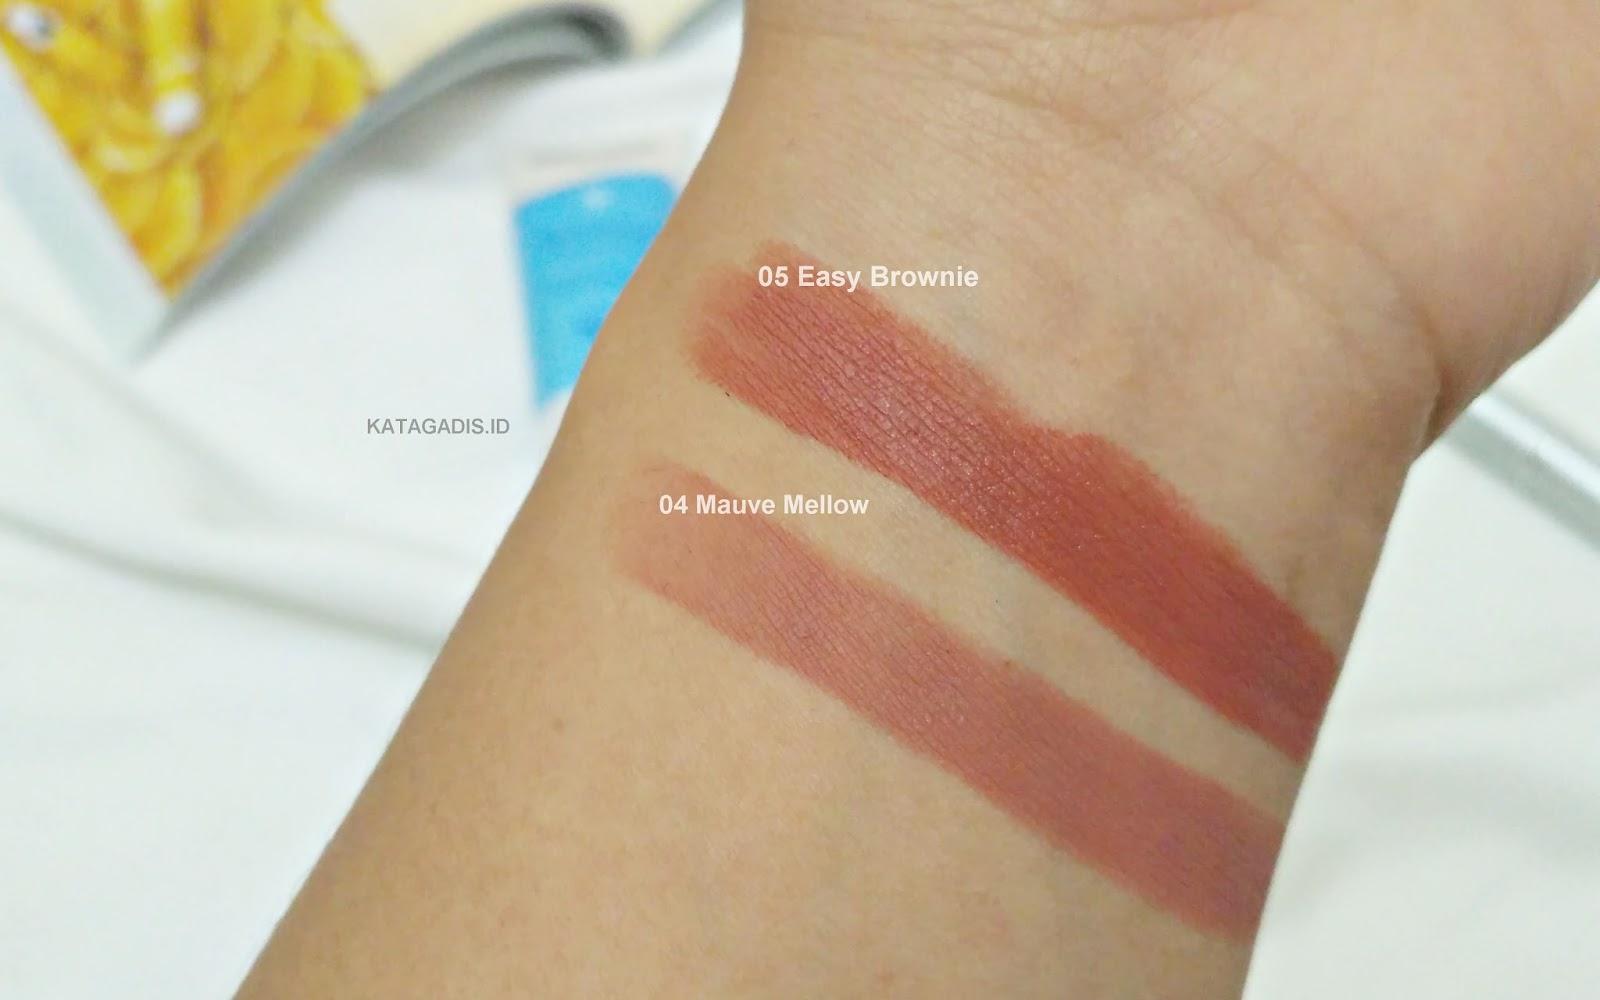 Wardah Intense Matte Lipstick 04 Mauve Mellow Daftar Harga Terkini Lipstik Easy Brownie Dua Yang Digadang